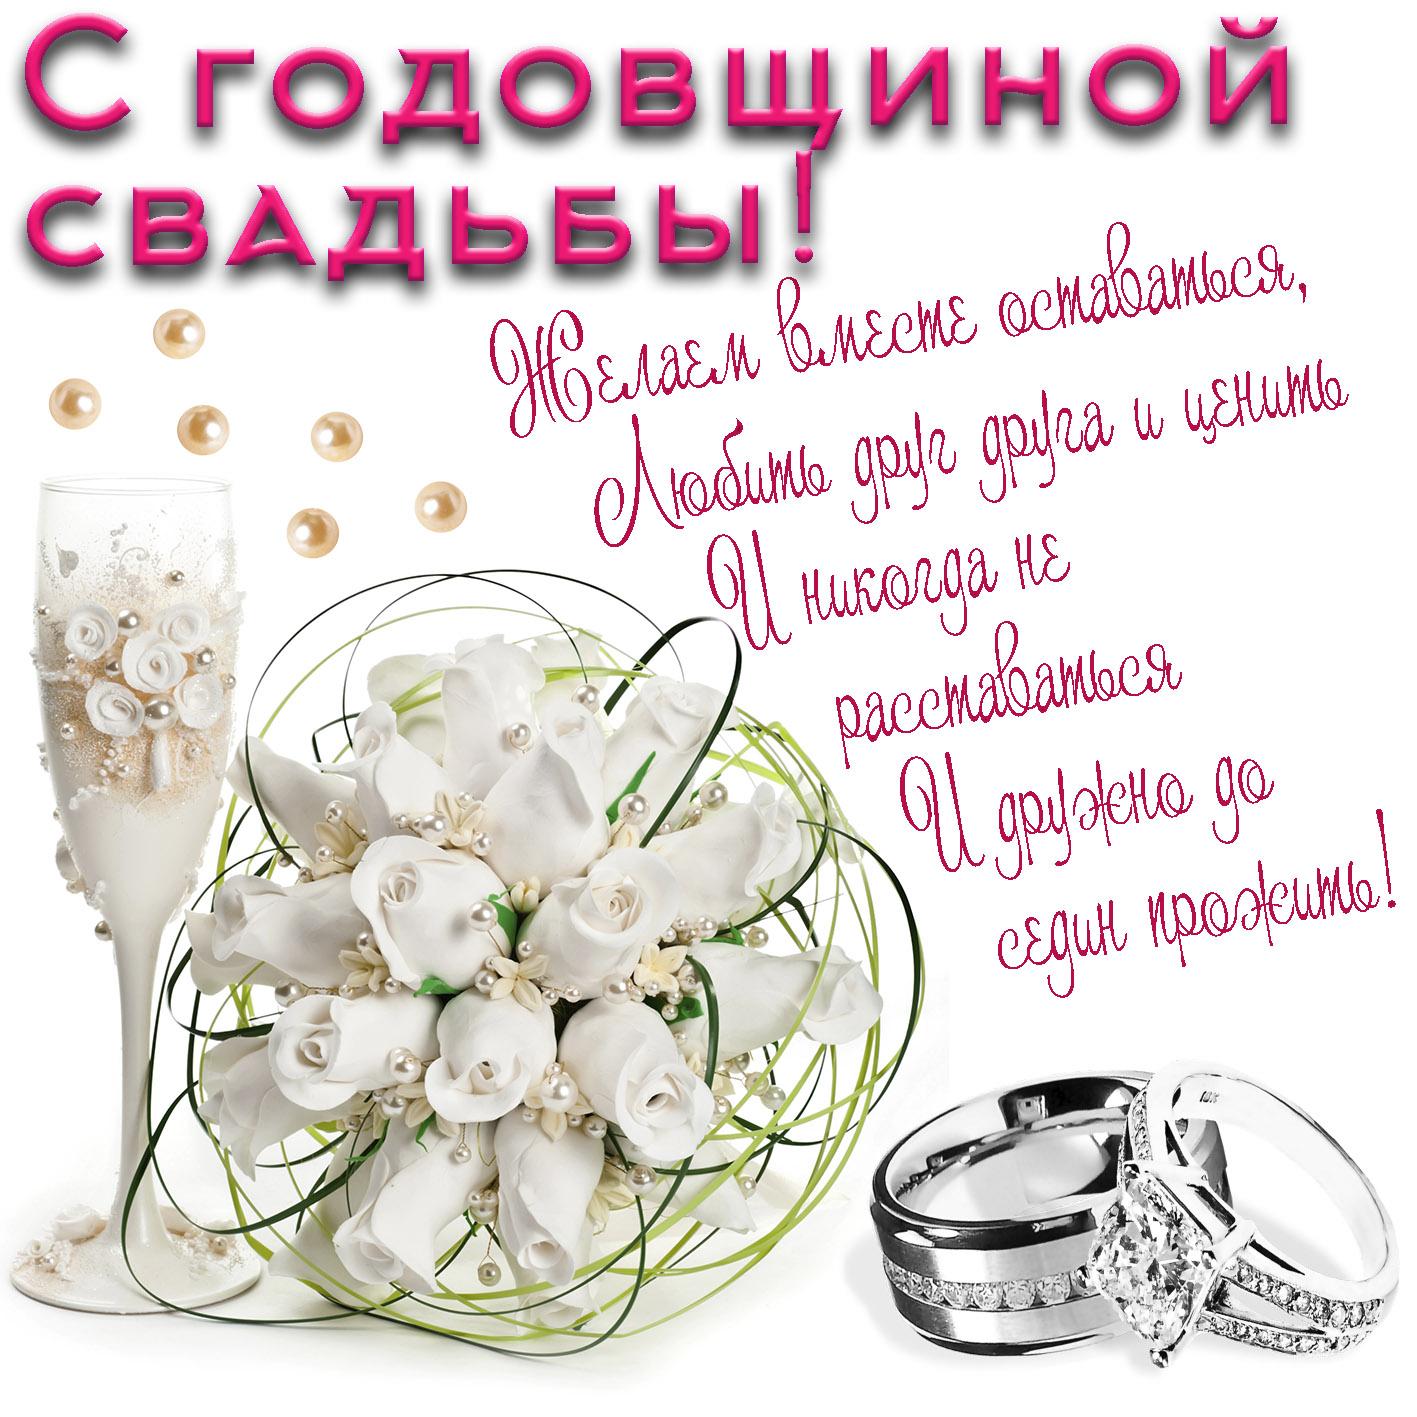 Поздравить с годовщиной свадьбы открытки красивые со стихом нежные